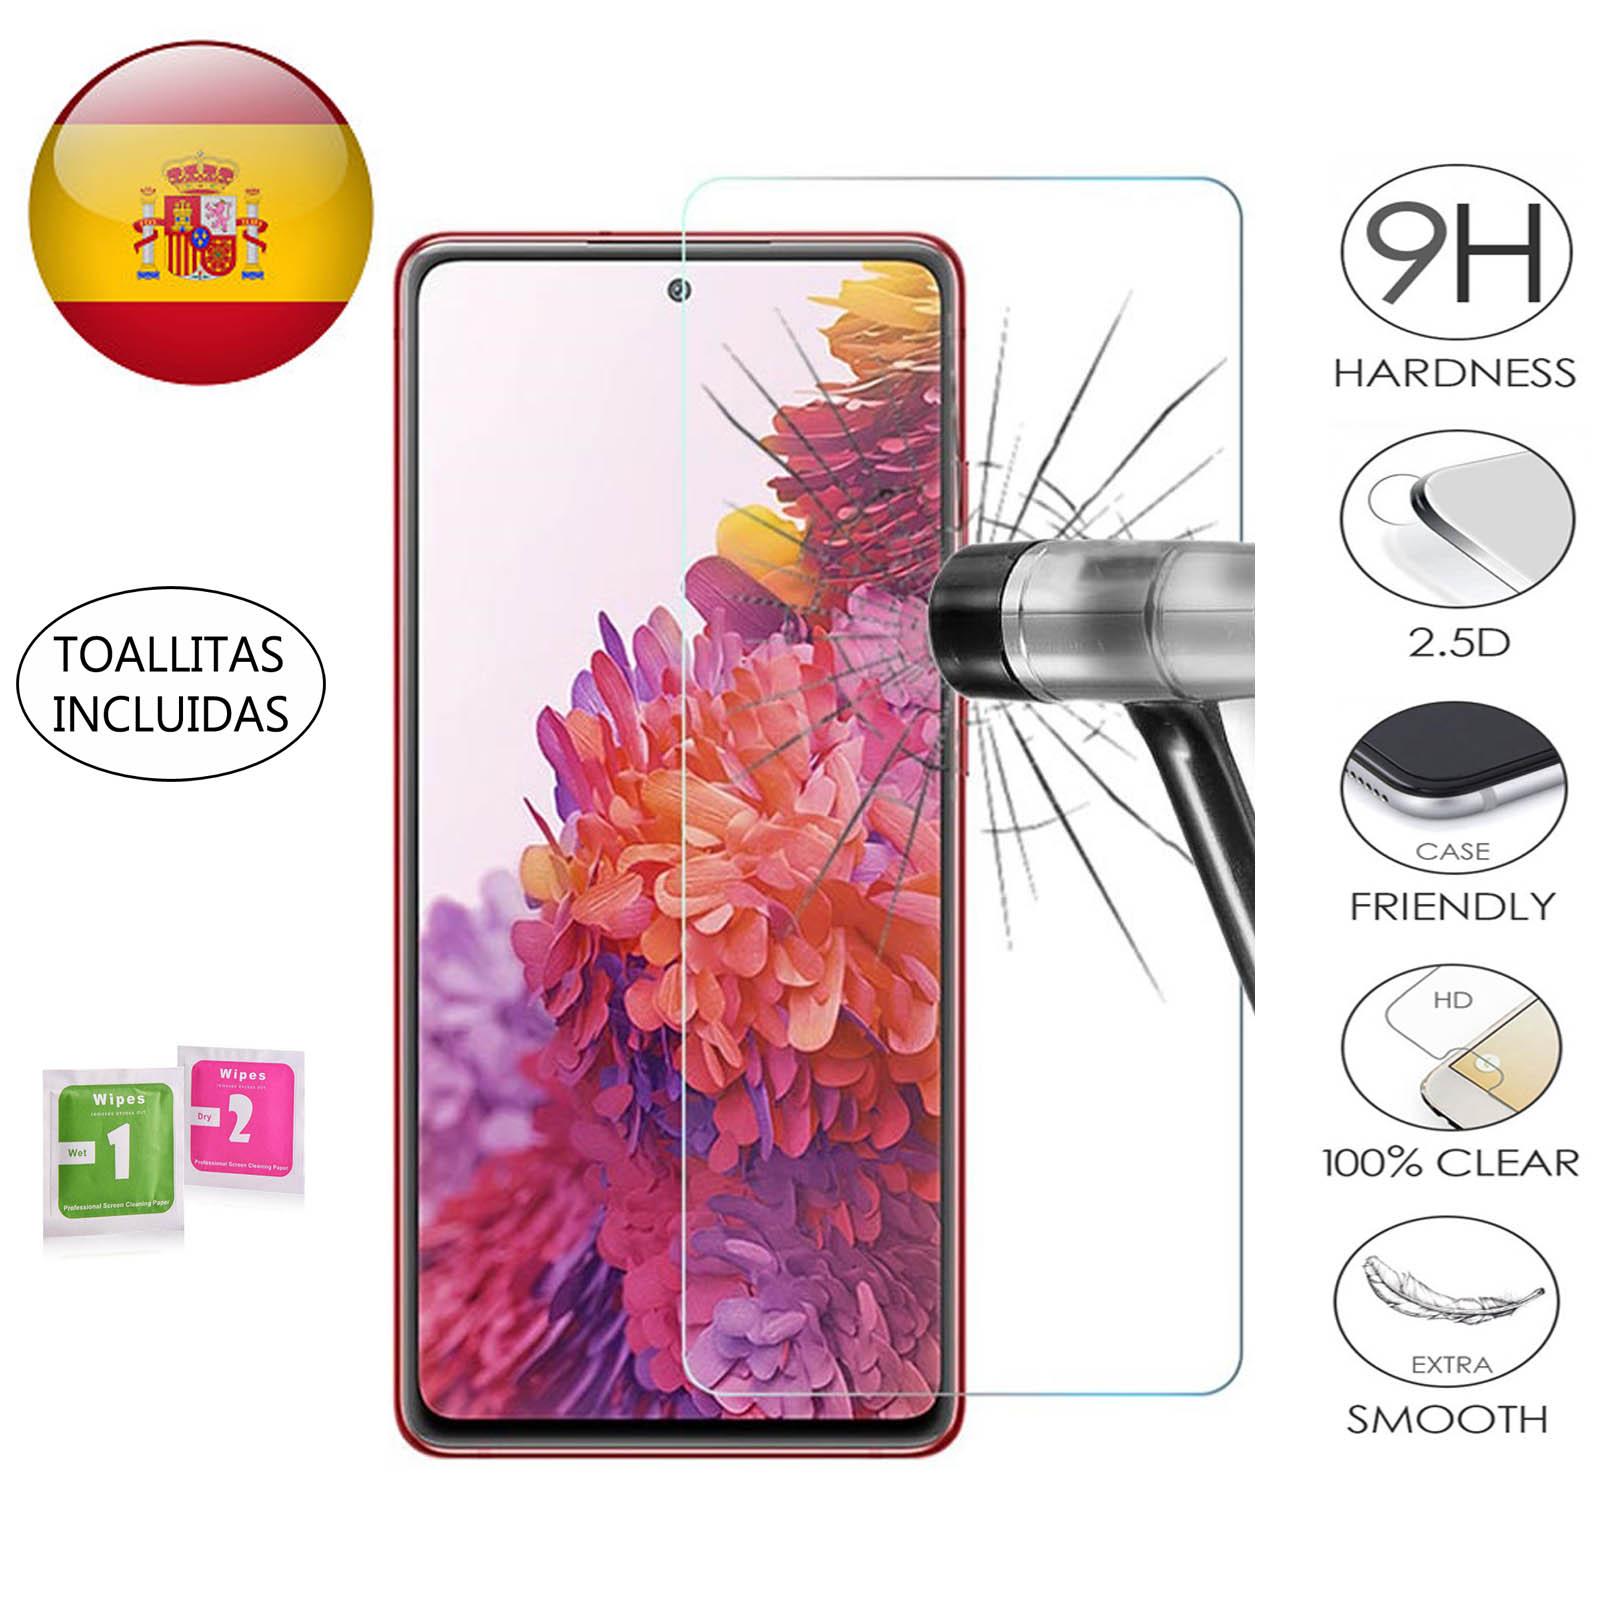 Защита экрана для Samsung Galaxy S20 FE закаленное стекло 9H 2.5D премиум-класса 0,3 мм